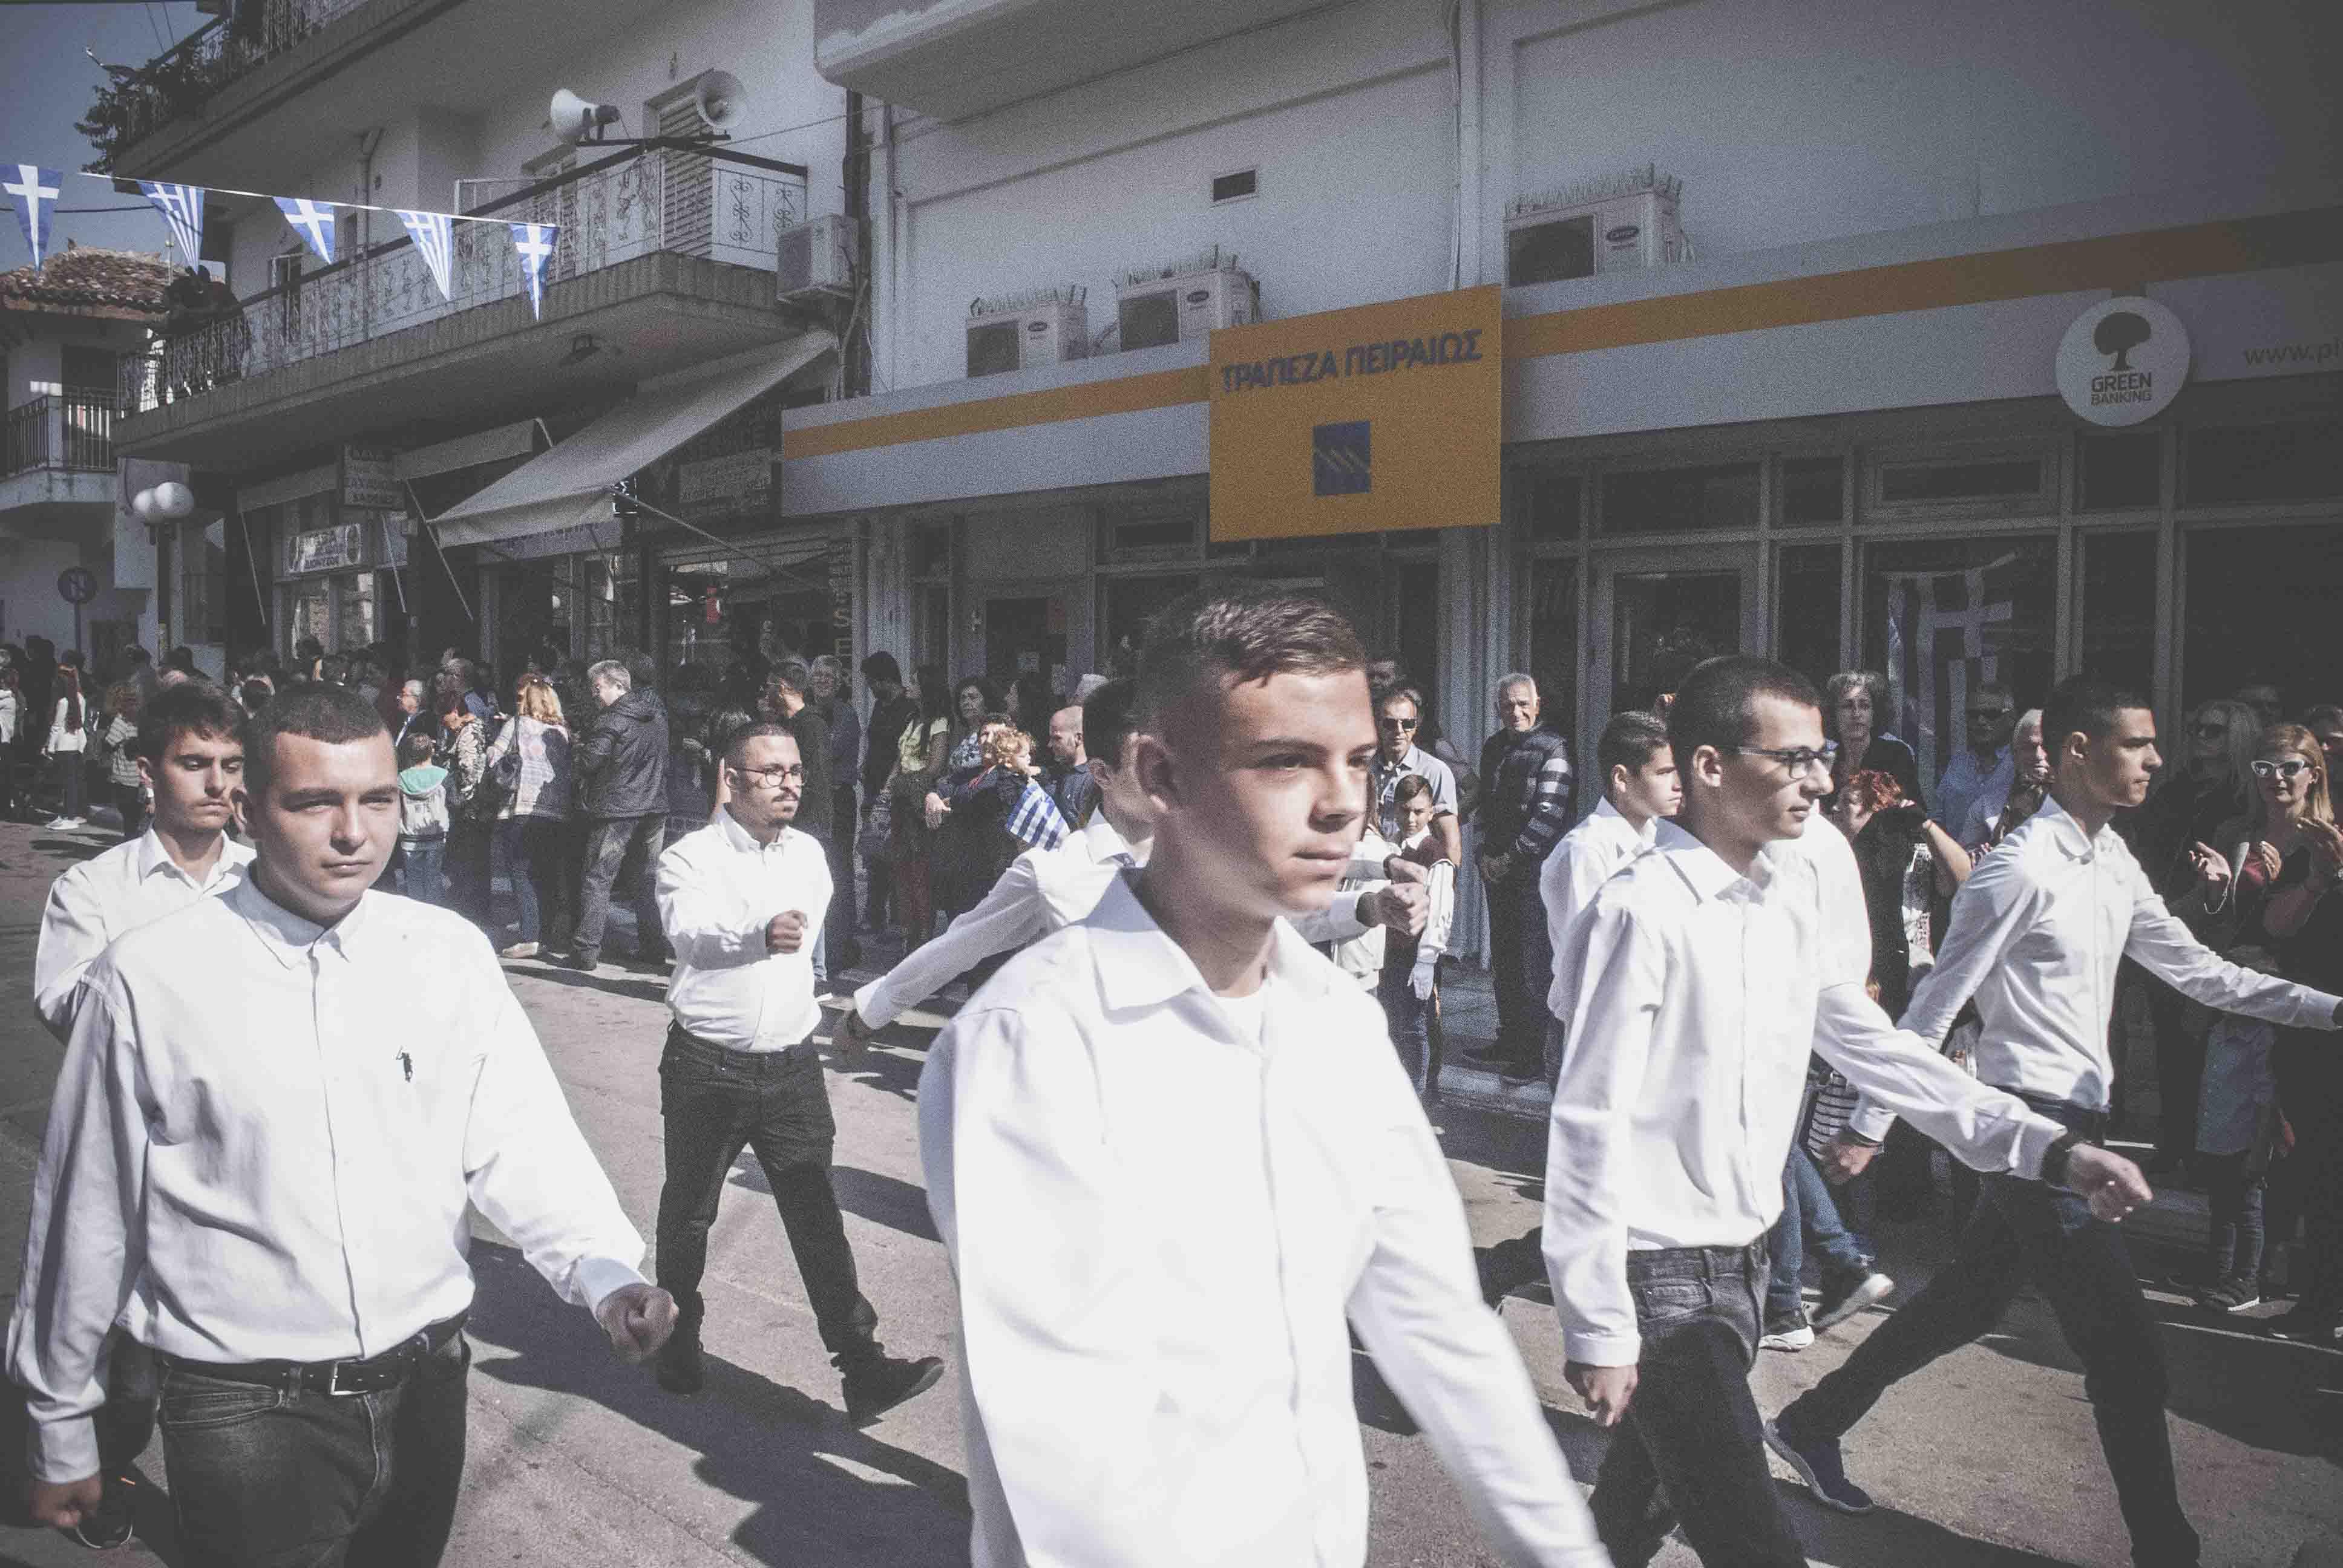 Φωτογραφικό υλικό από την παρέλαση στα Ψαχνά DSC 0436  Η παρέλαση της 28ης Οκτωβρίου σε Καστέλλα και Ψαχνά (φωτό) DSC 0436